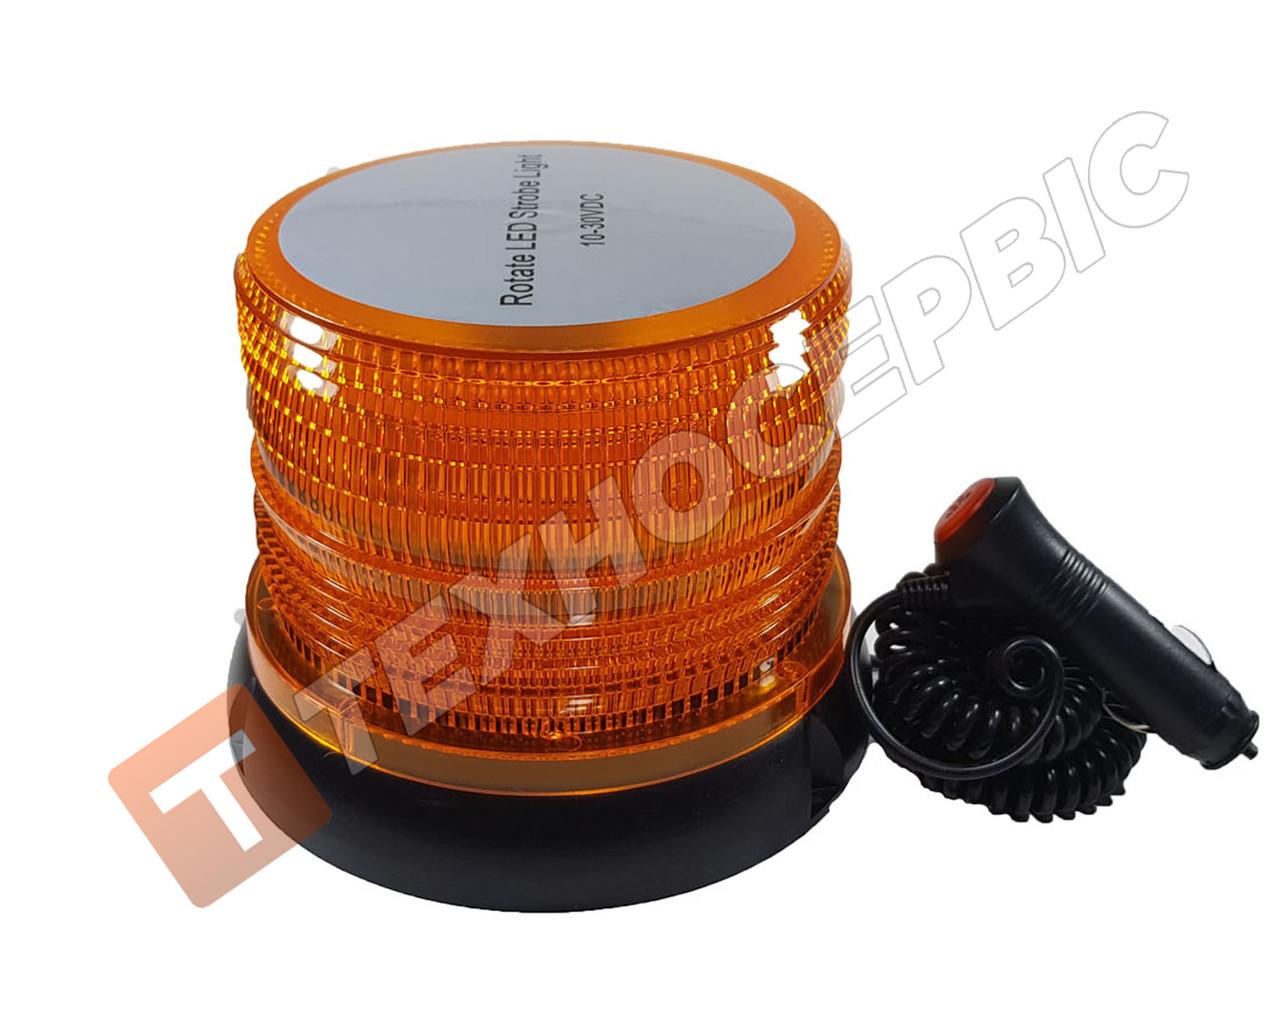 Проблисковий Маячок, помаранчевий, світлодіодний LED,12-24 Вольт (мигалки) магнітне кріплення Туреччина 72